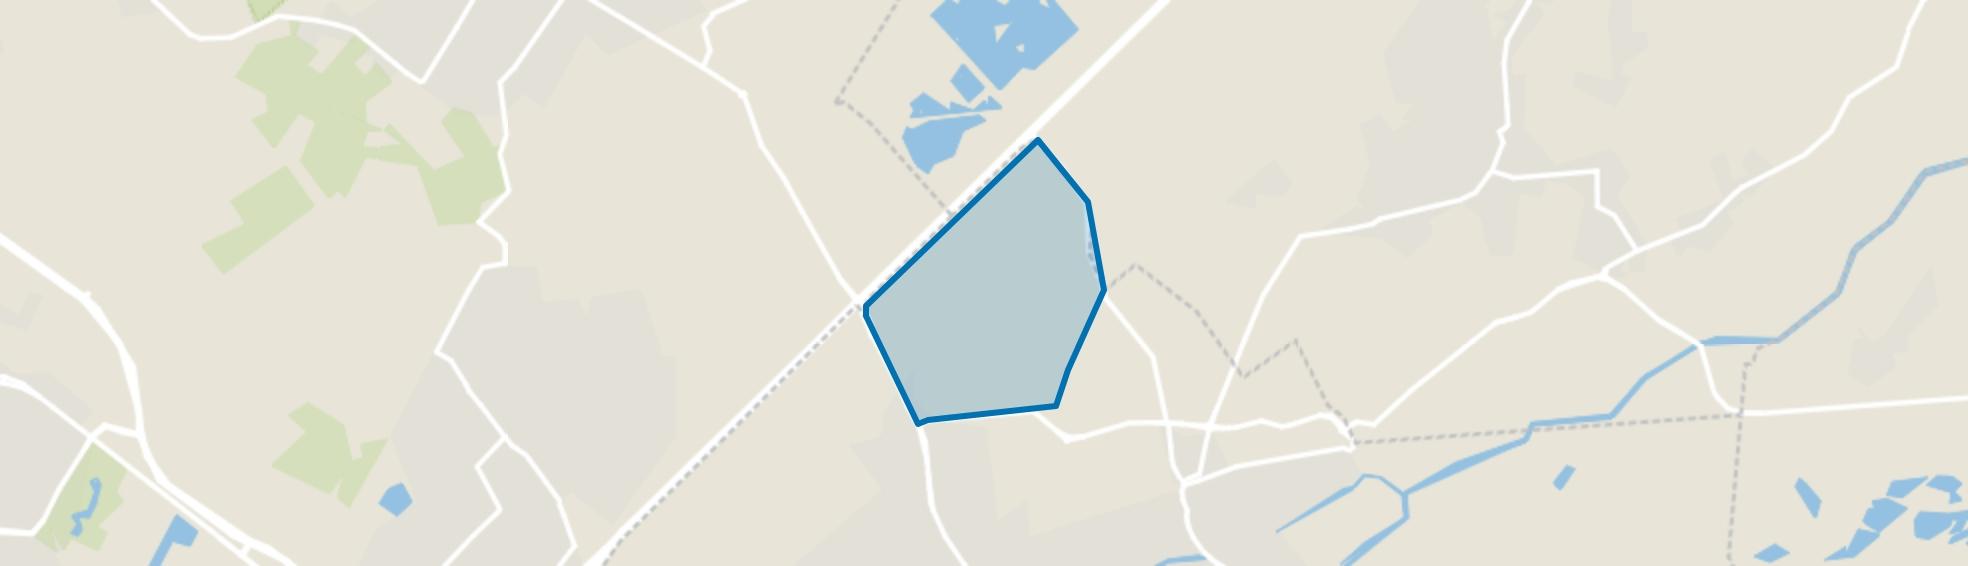 Buitengebied Kerkhoven, Oisterwijk map